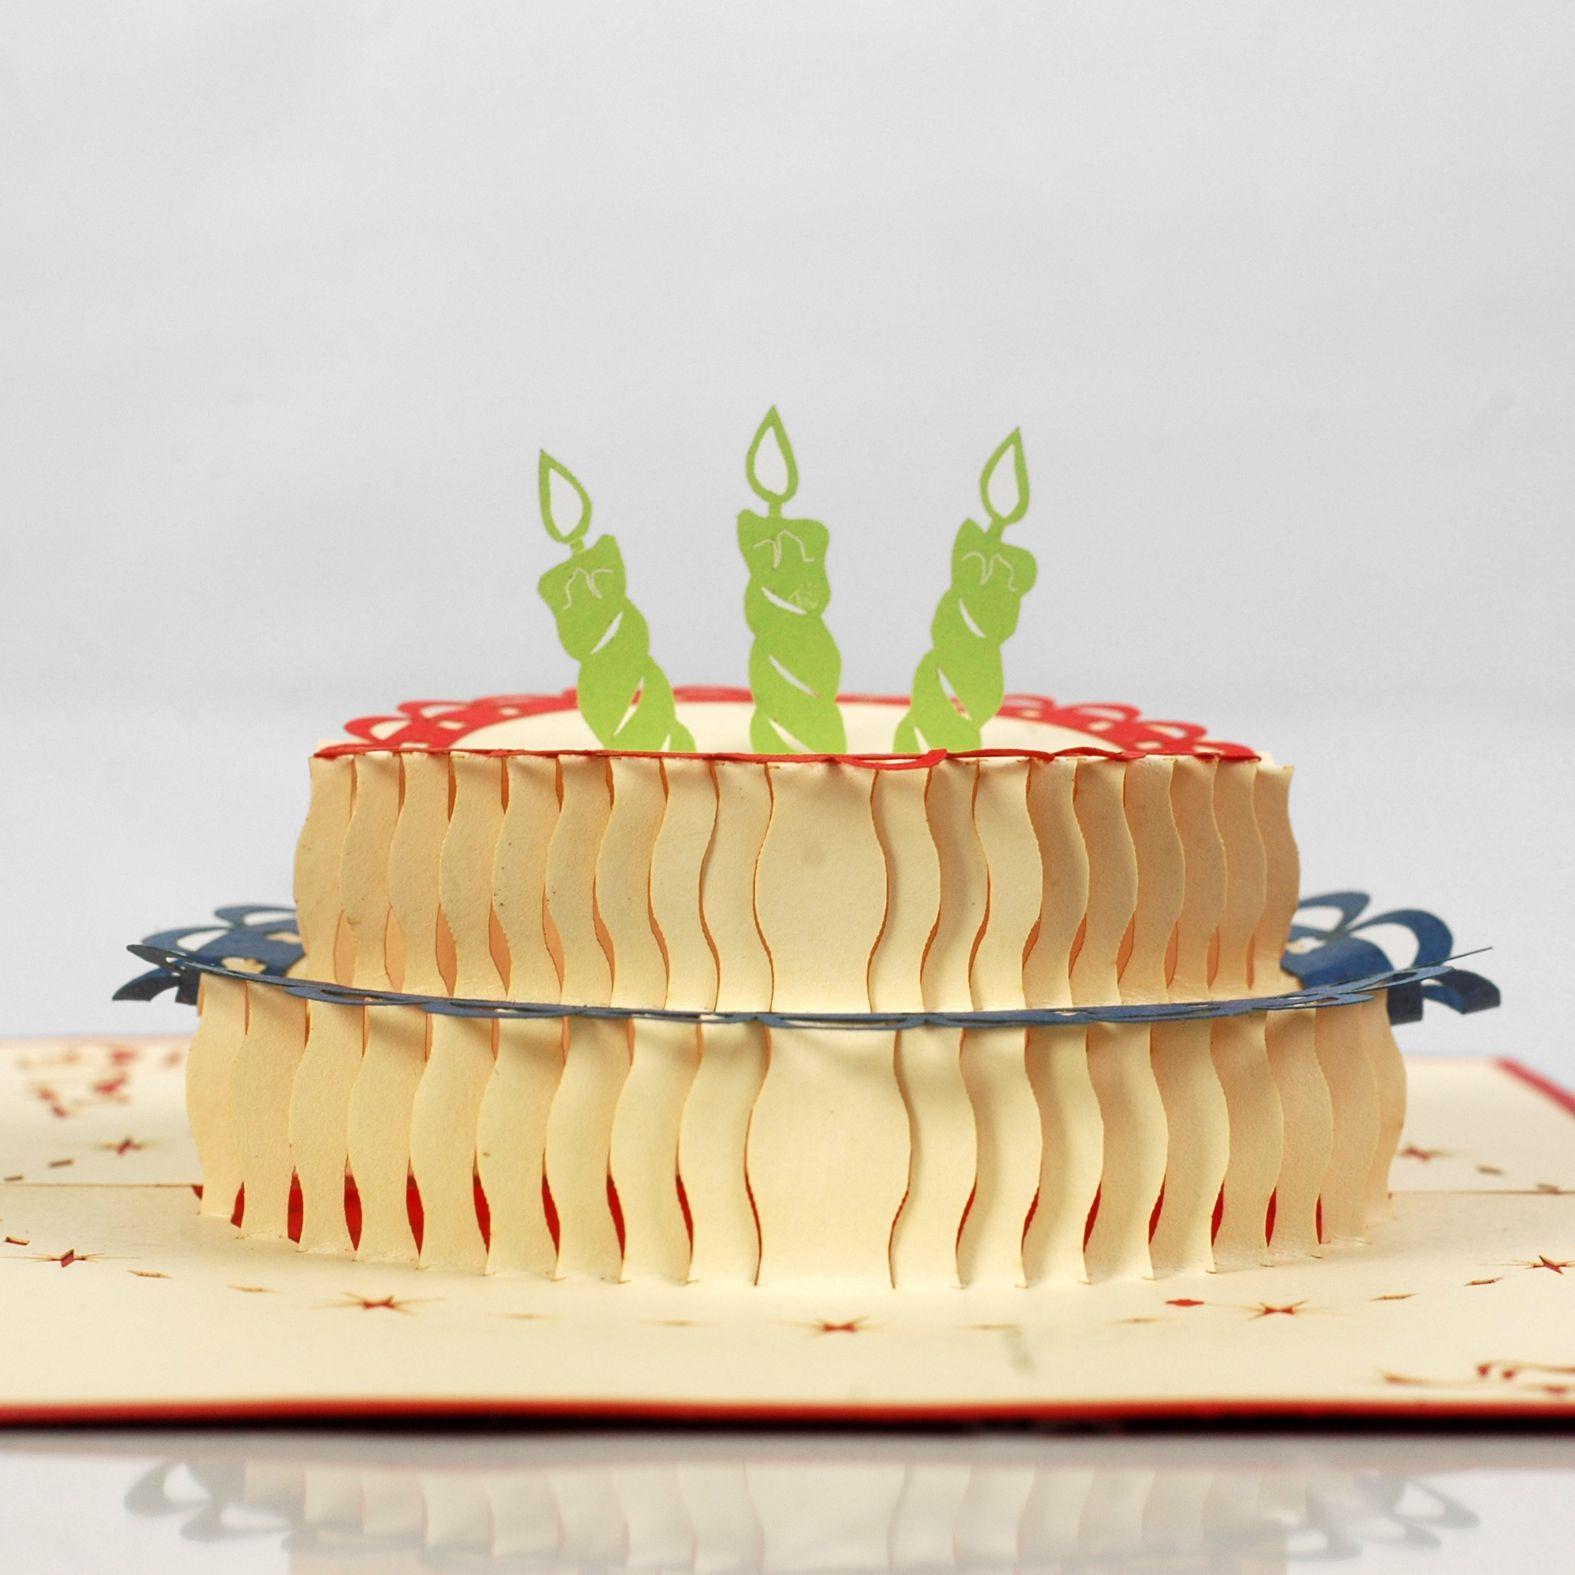 thiệp nổi hình bánh sinh nhật độc nhất